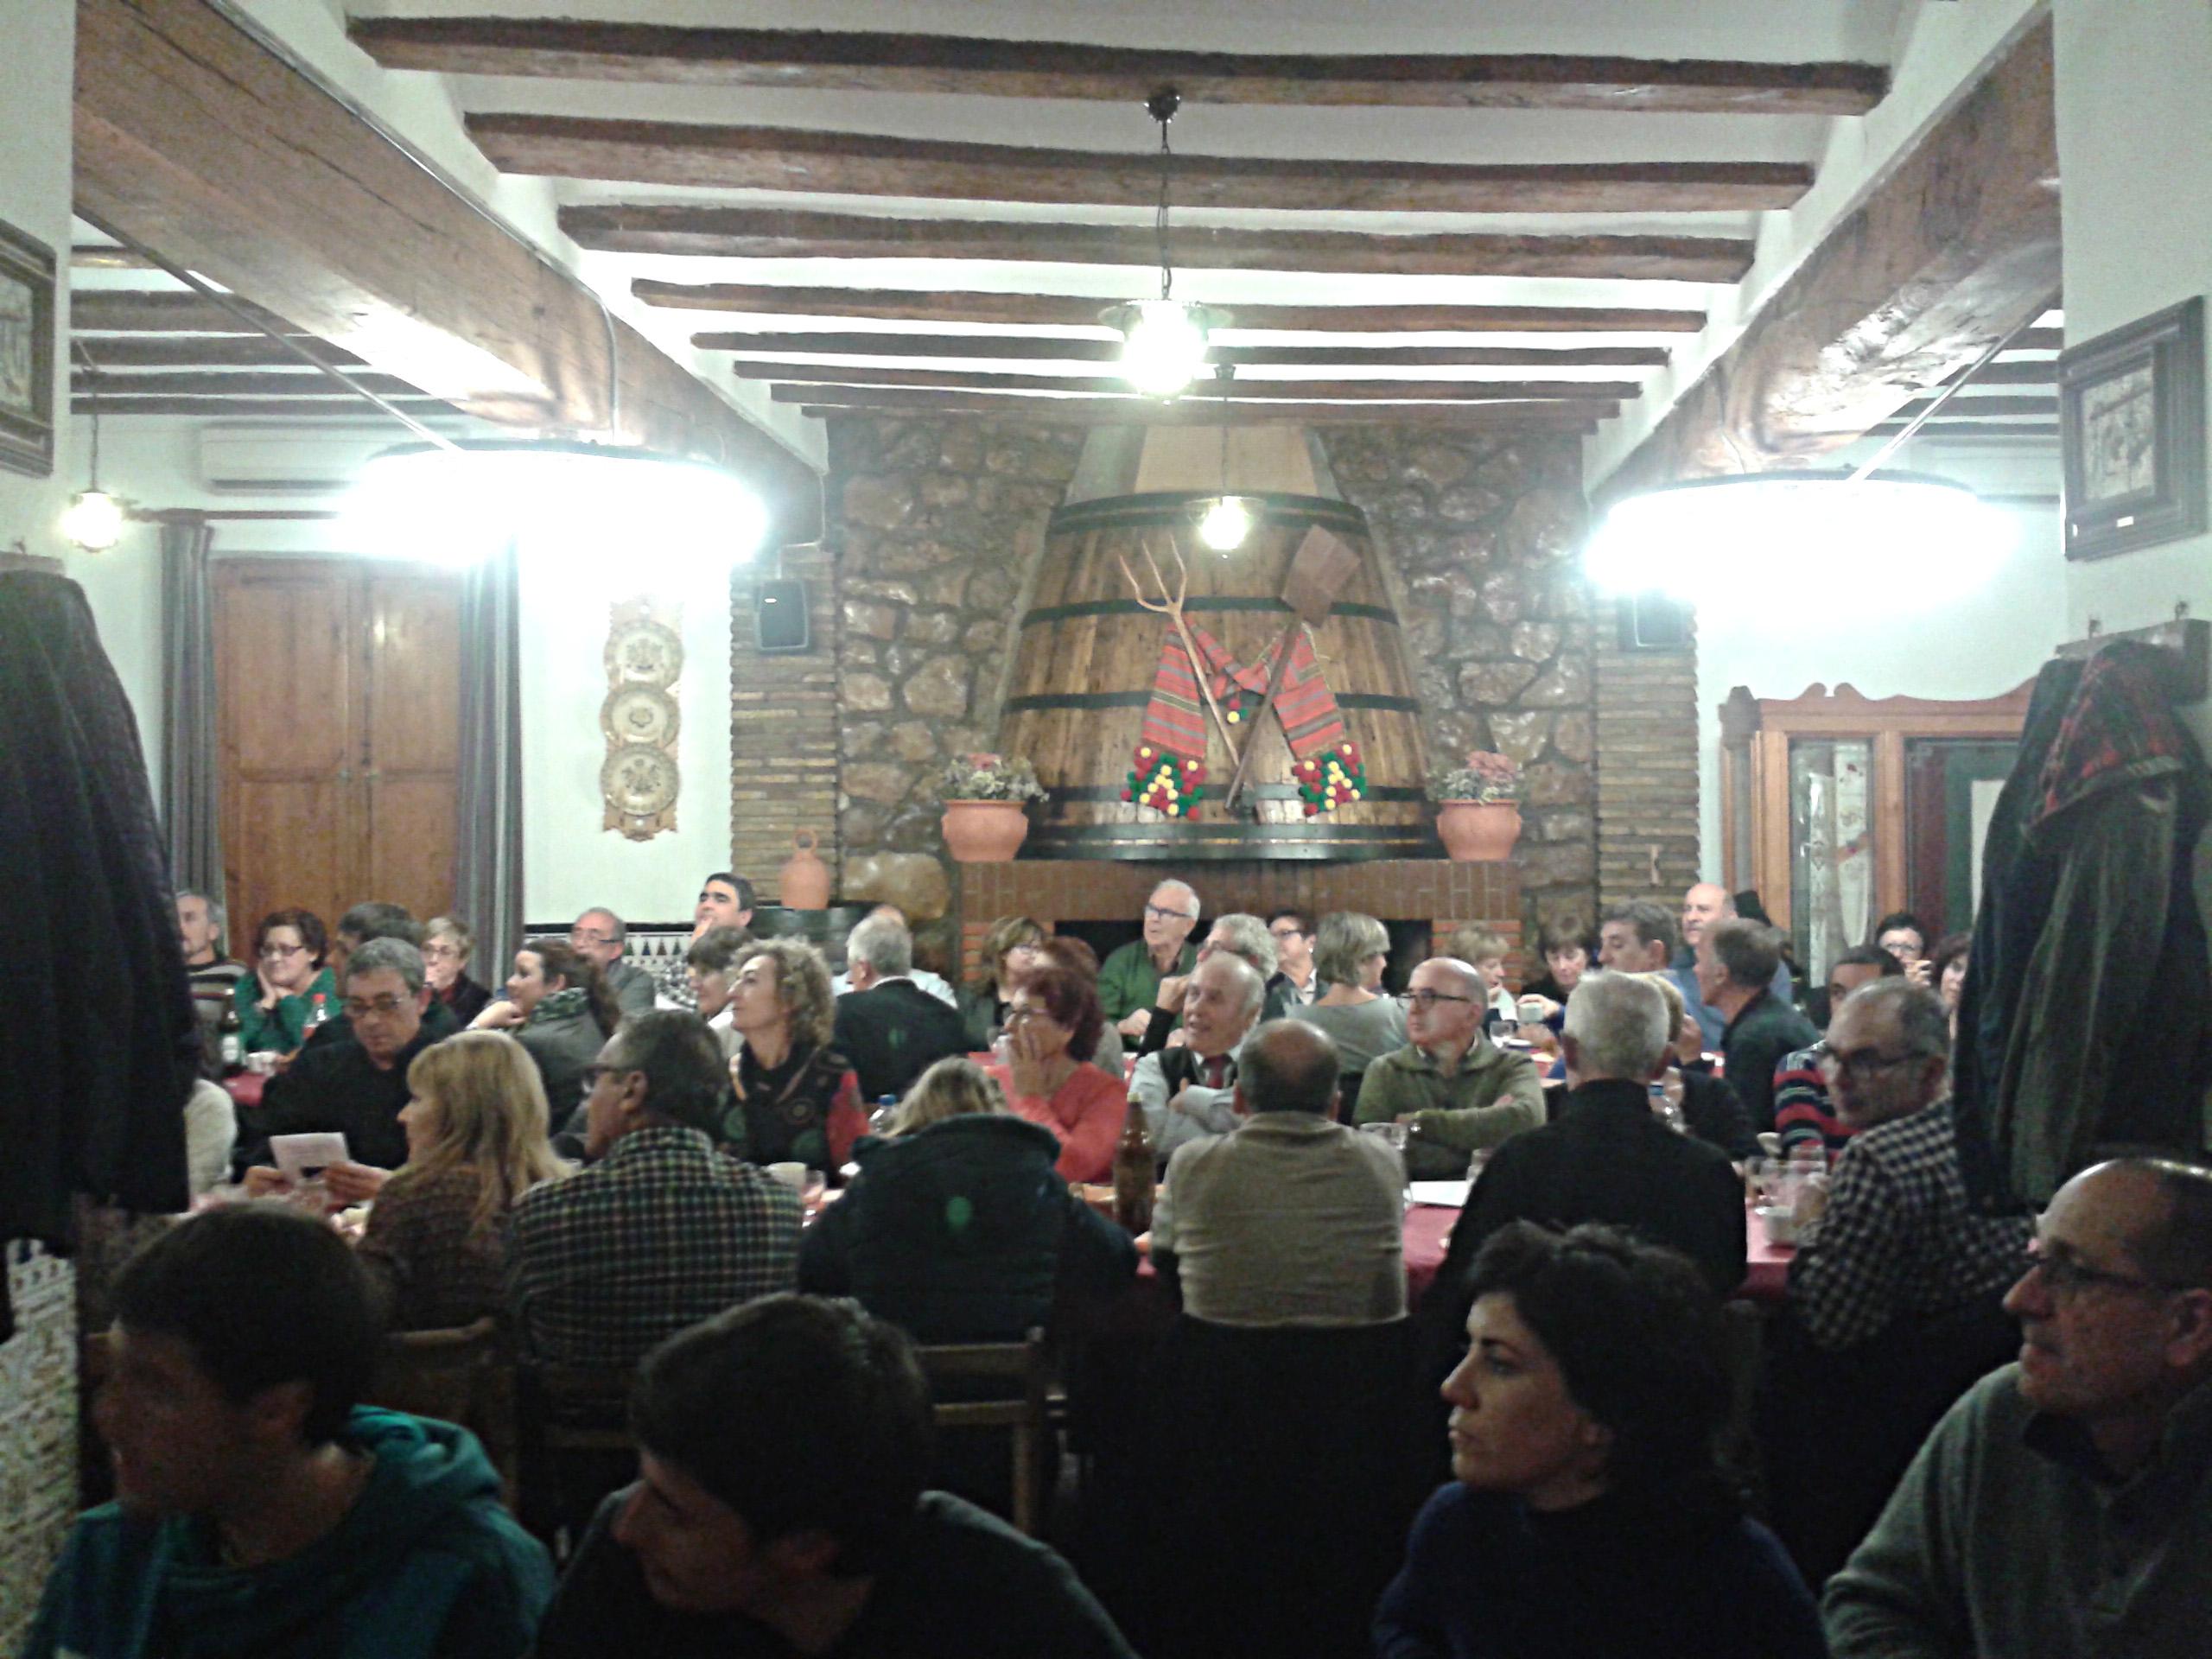 Sopar Ovidi Montllor. Maset dels Llauradors, Beneixama, 5 de desembre de 2016.